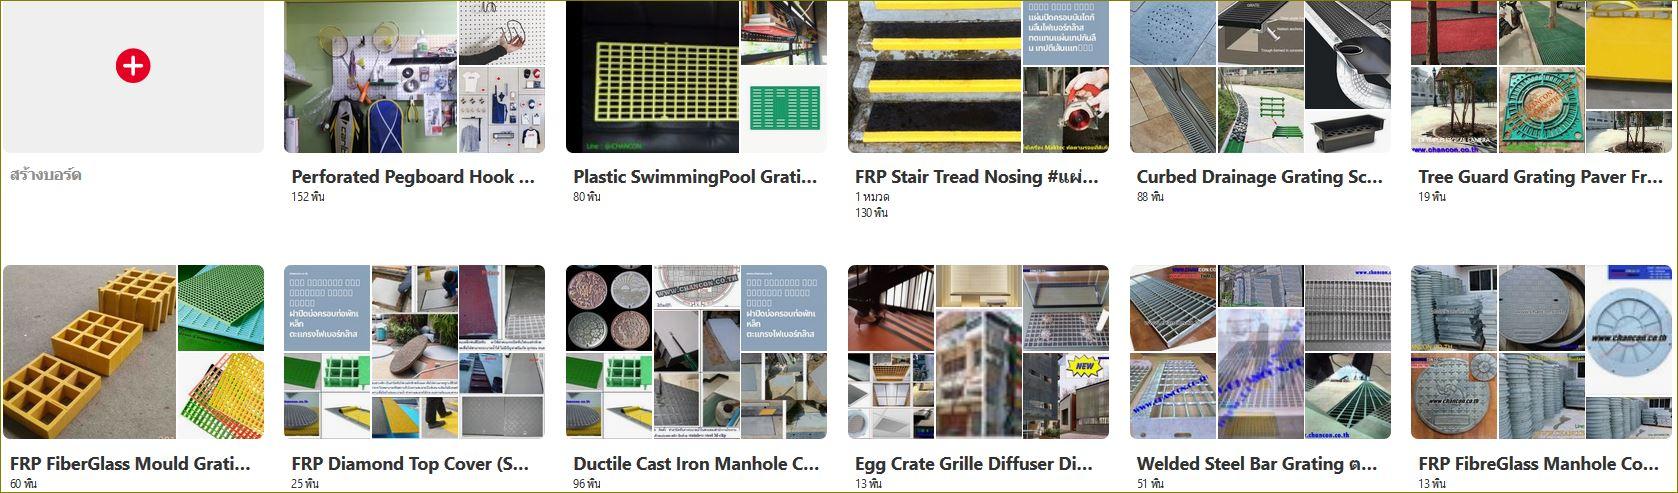 ตะแกรงเหล็กไฟเบอร์กล๊าส ฝาบ่อครอบท่อพักระบายน้ำ  FRP Steel Grating Anti-slip Tape